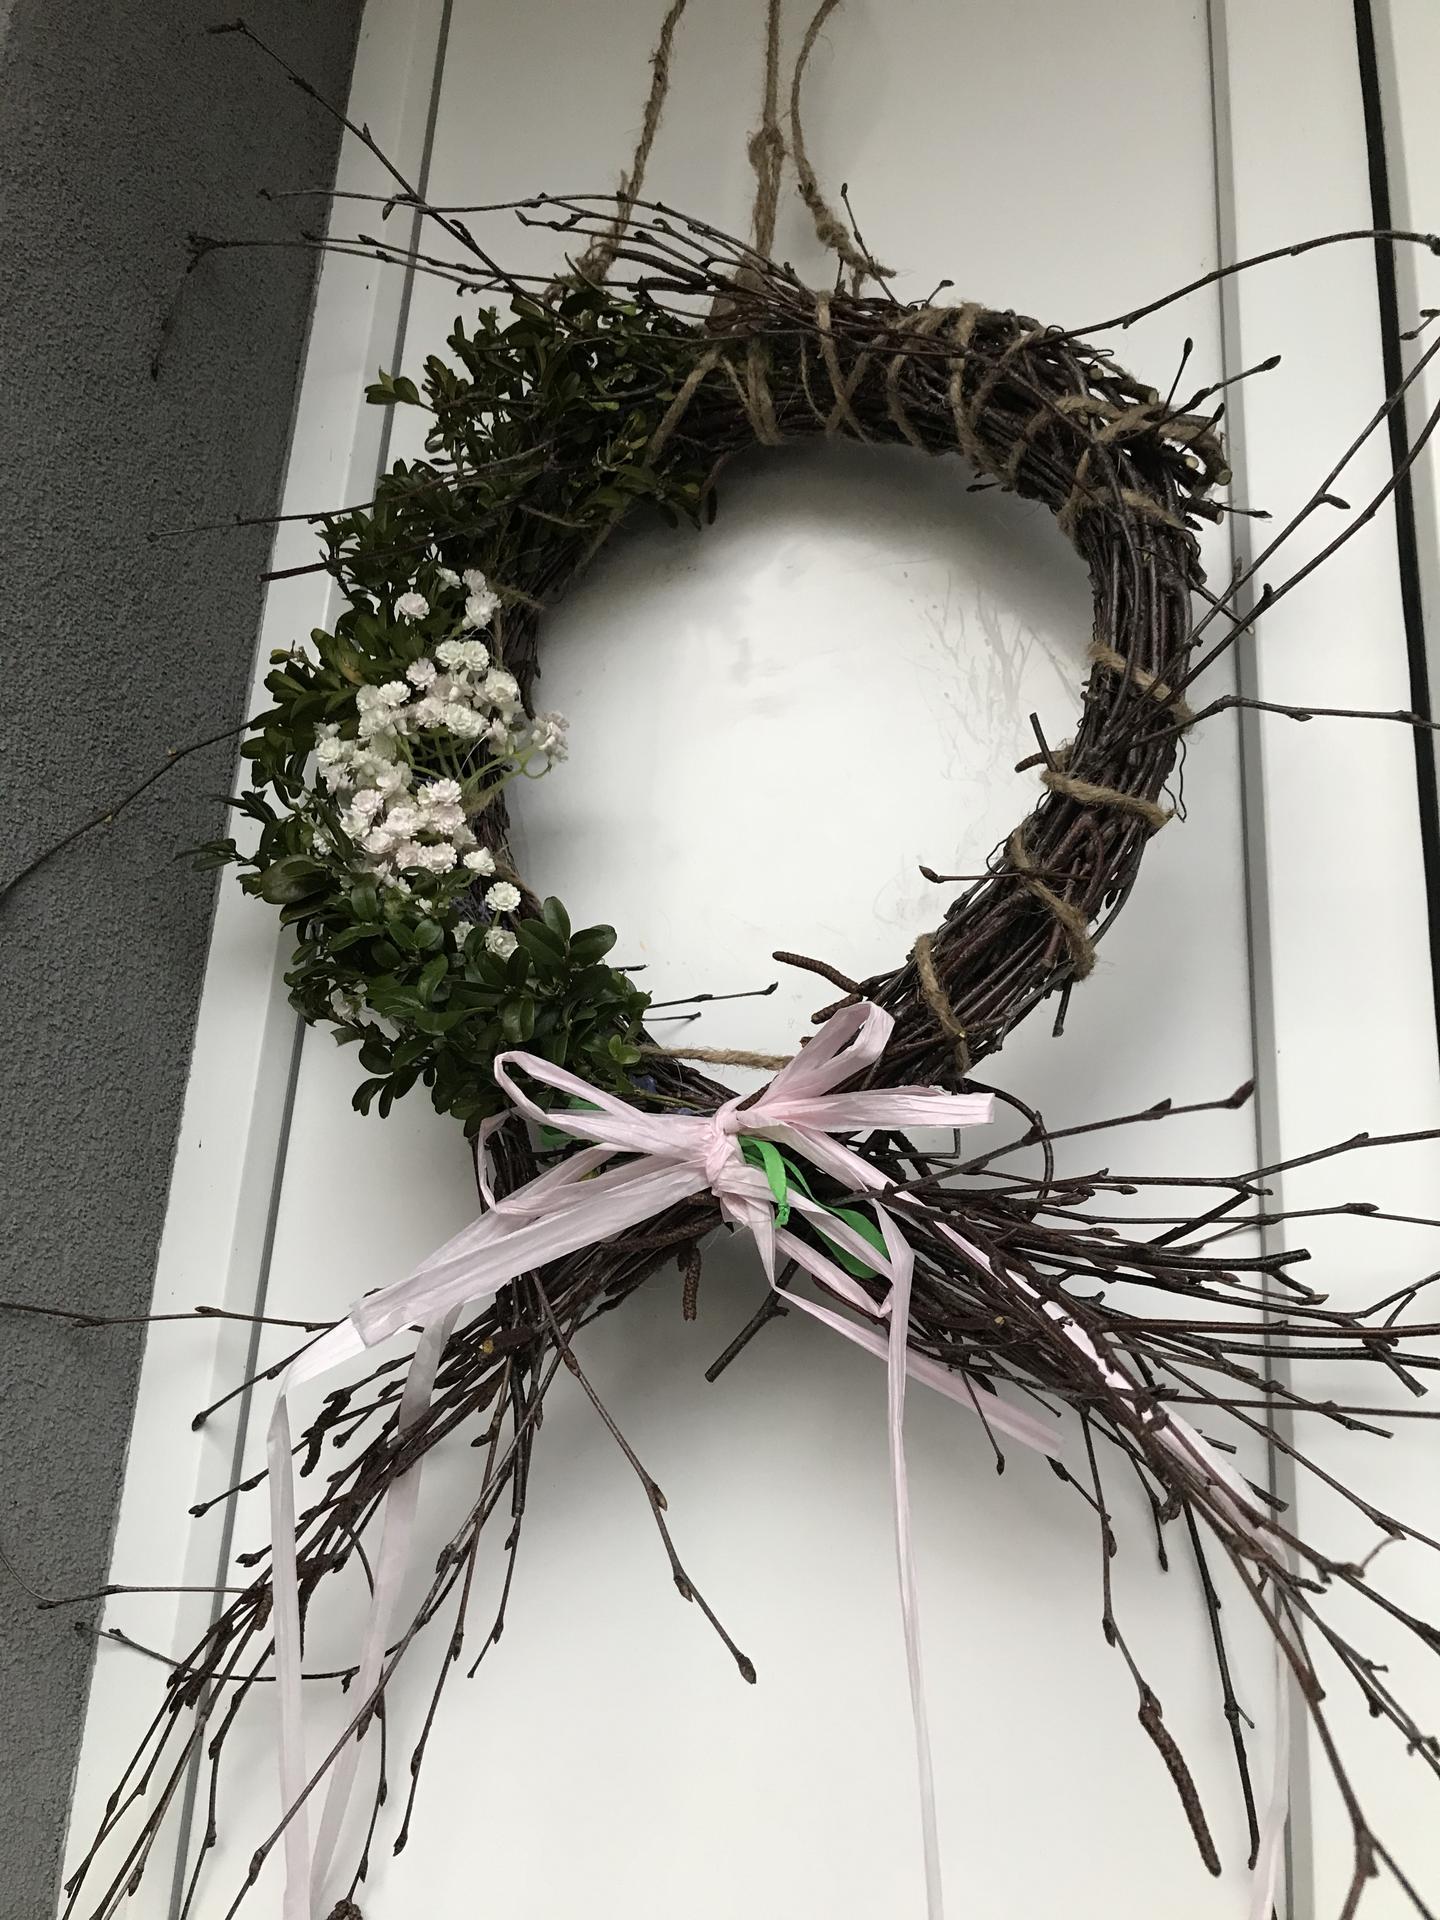 Život v roce 2021 - Tak vánoční věnec😀😀😀konečně vystřídán jarním z březových větviček.